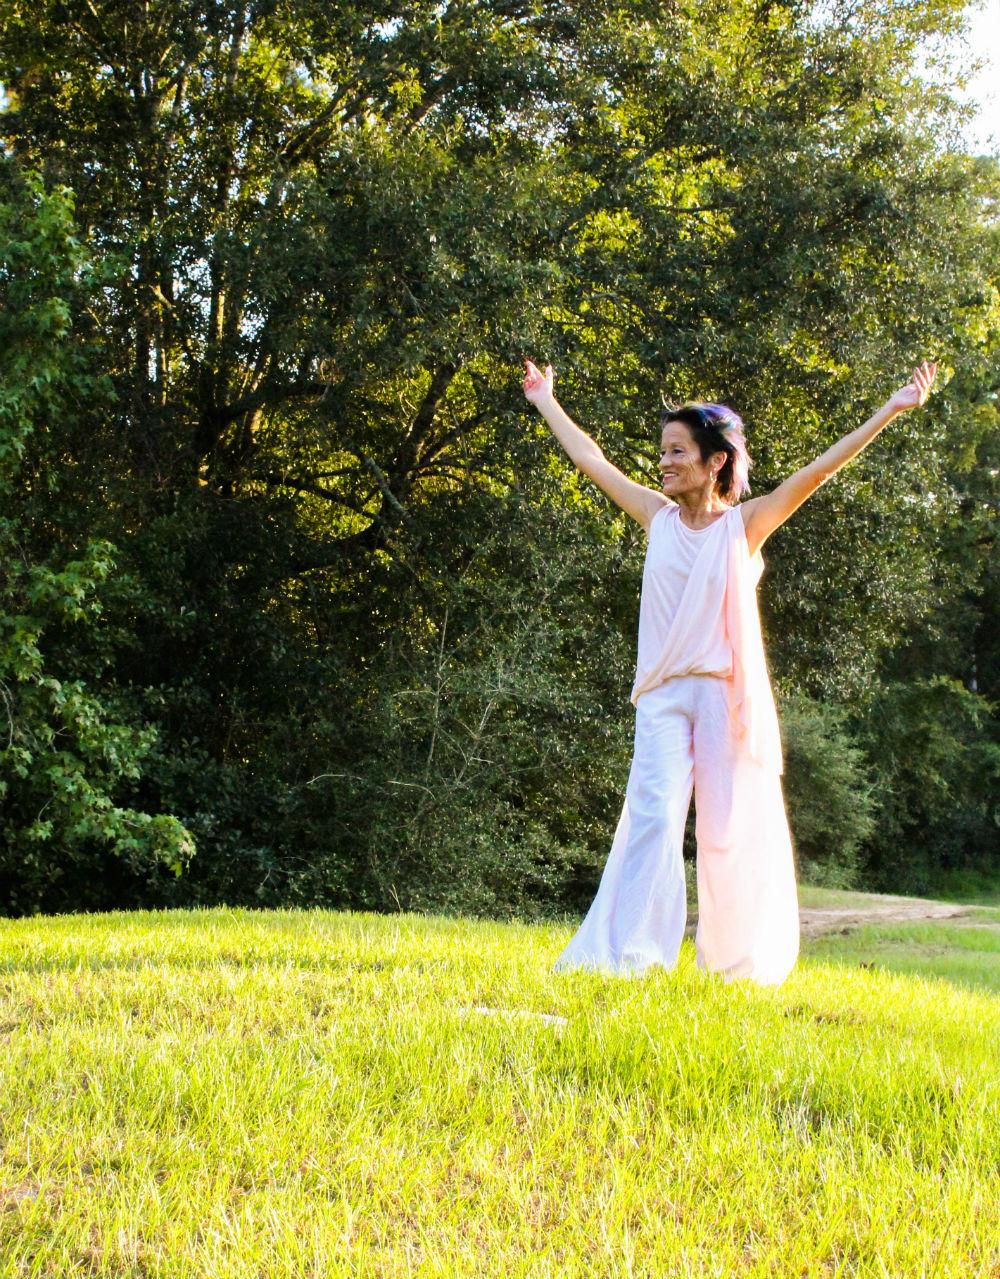 Αυτοθεραπεία: Τι, πως και γιατί;